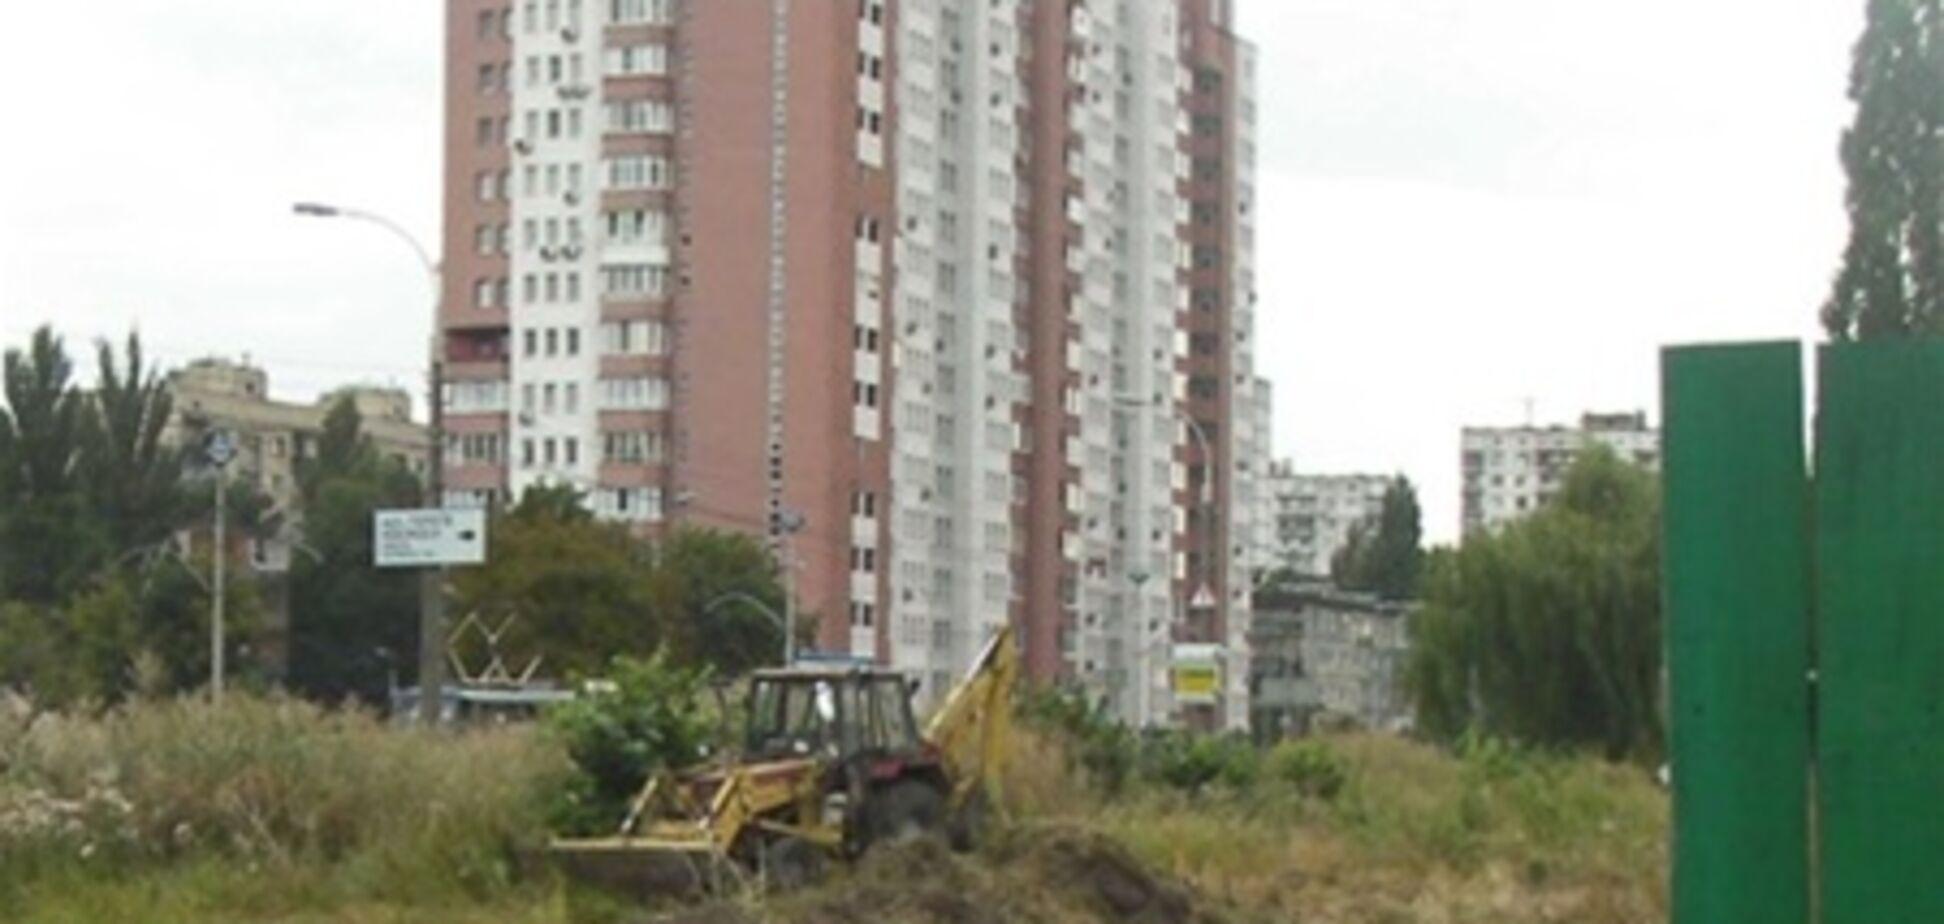 Вместо сквера на Борщаговке строят АЗС